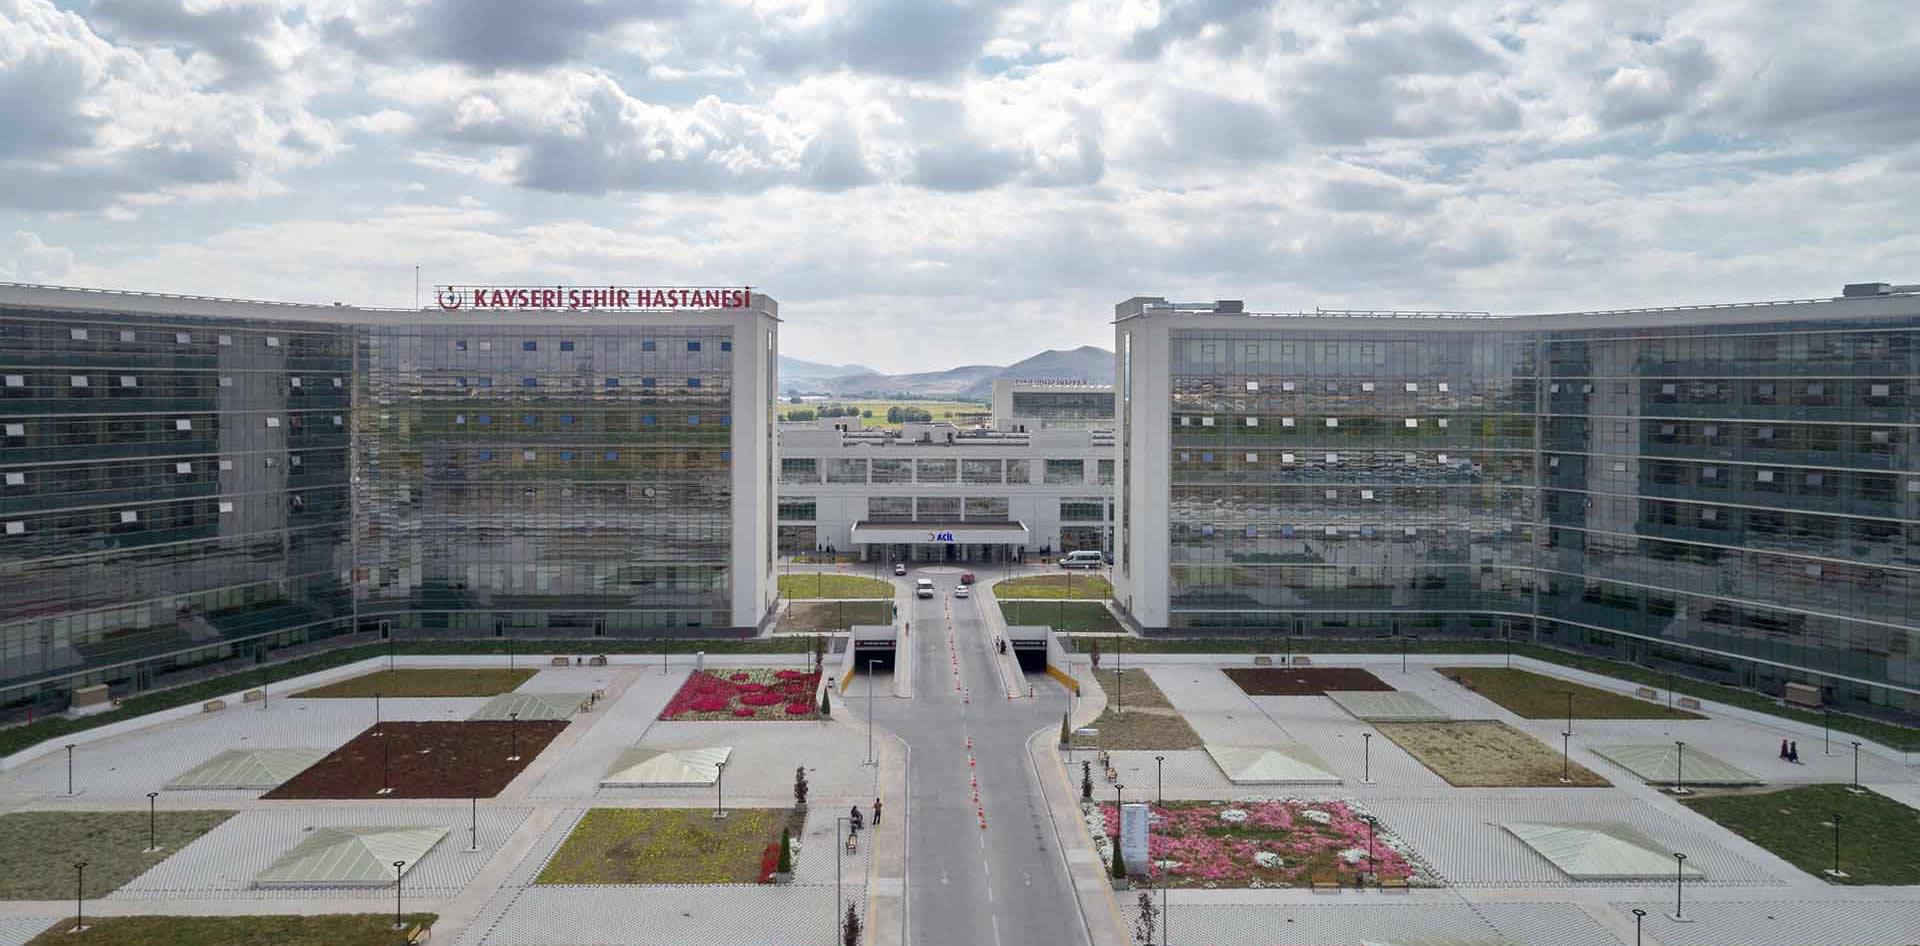 Kayseri Şehir Hastanesi